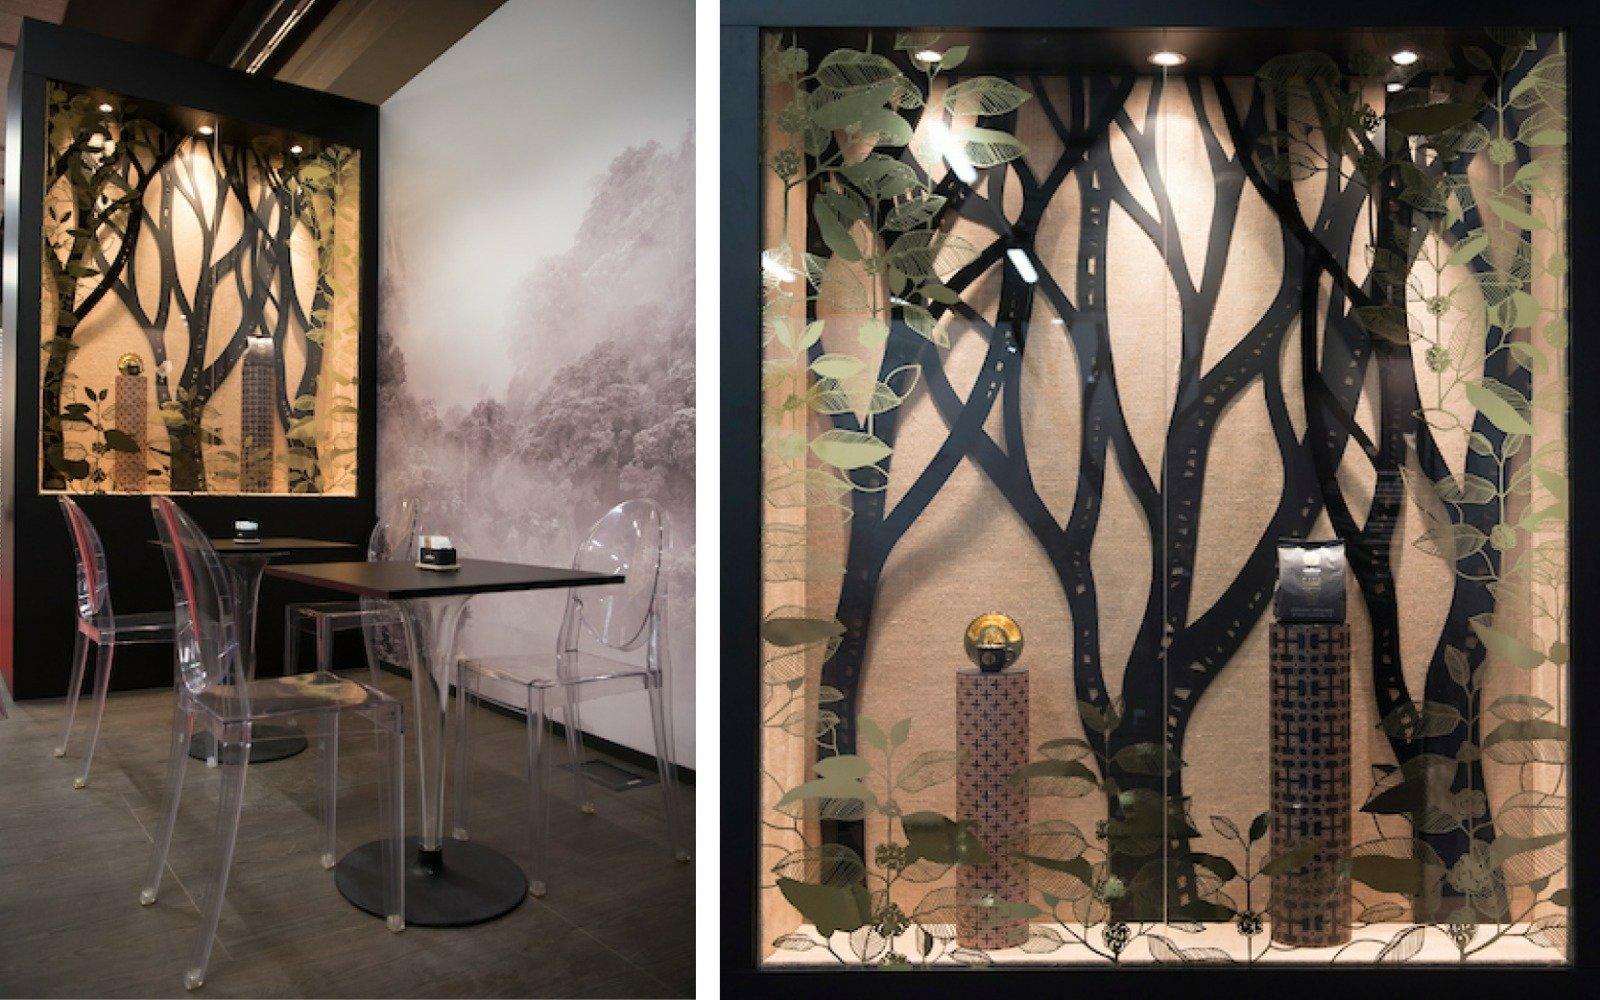 pannelli decorativi su misura in legno e plexiglass